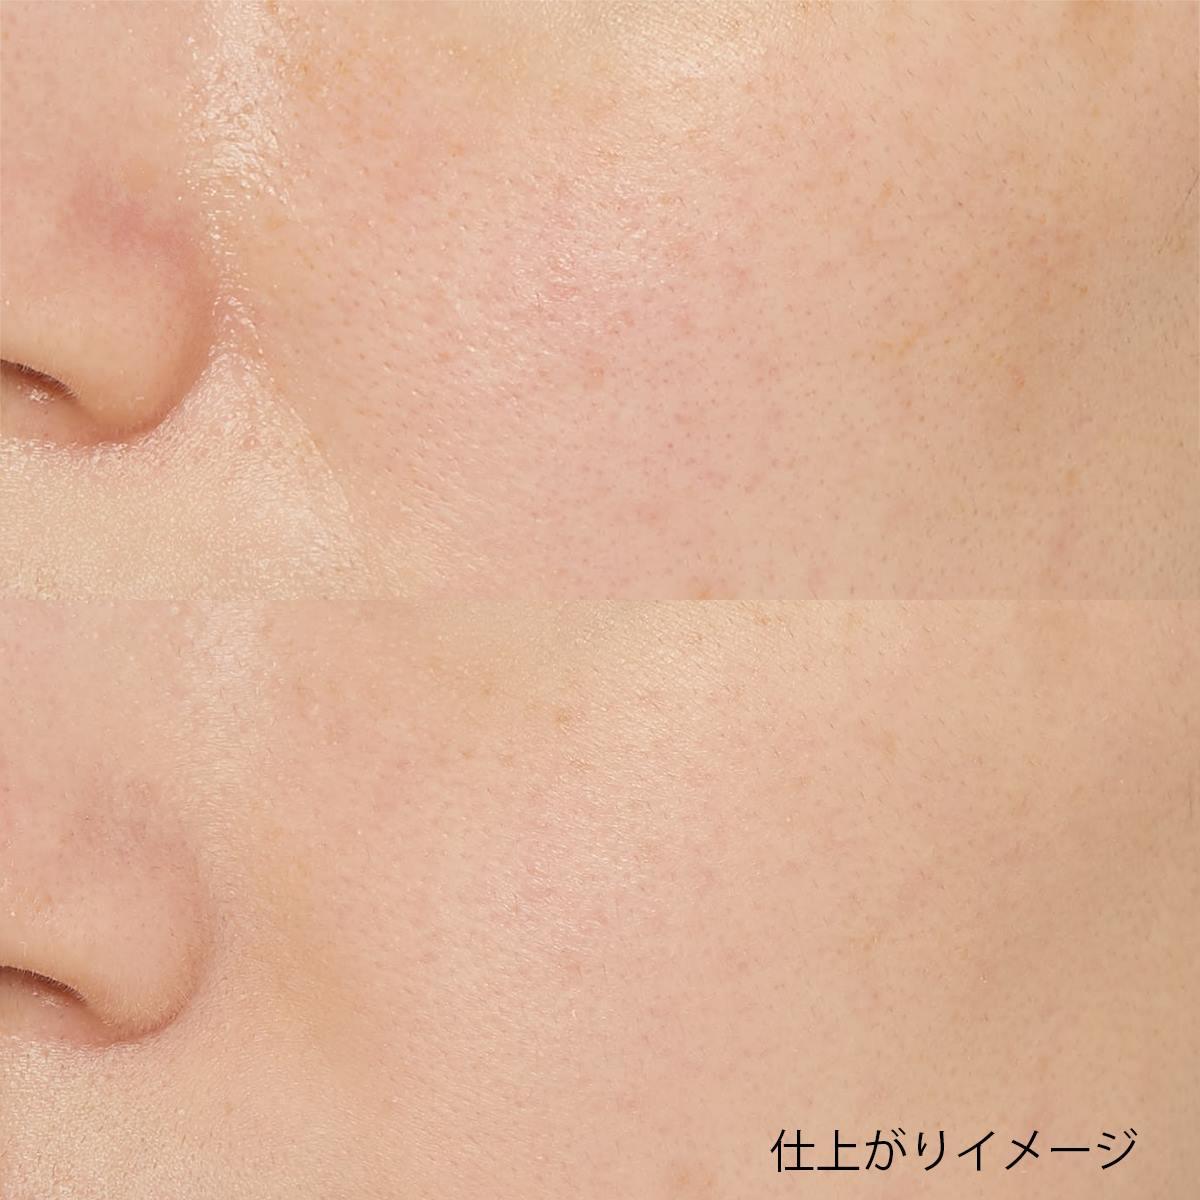 自然に肌をカバーするCEZANNE(セザンヌ)『UVファンデーションEX プラス EX2 ライトオークル』をご紹介に関する画像9